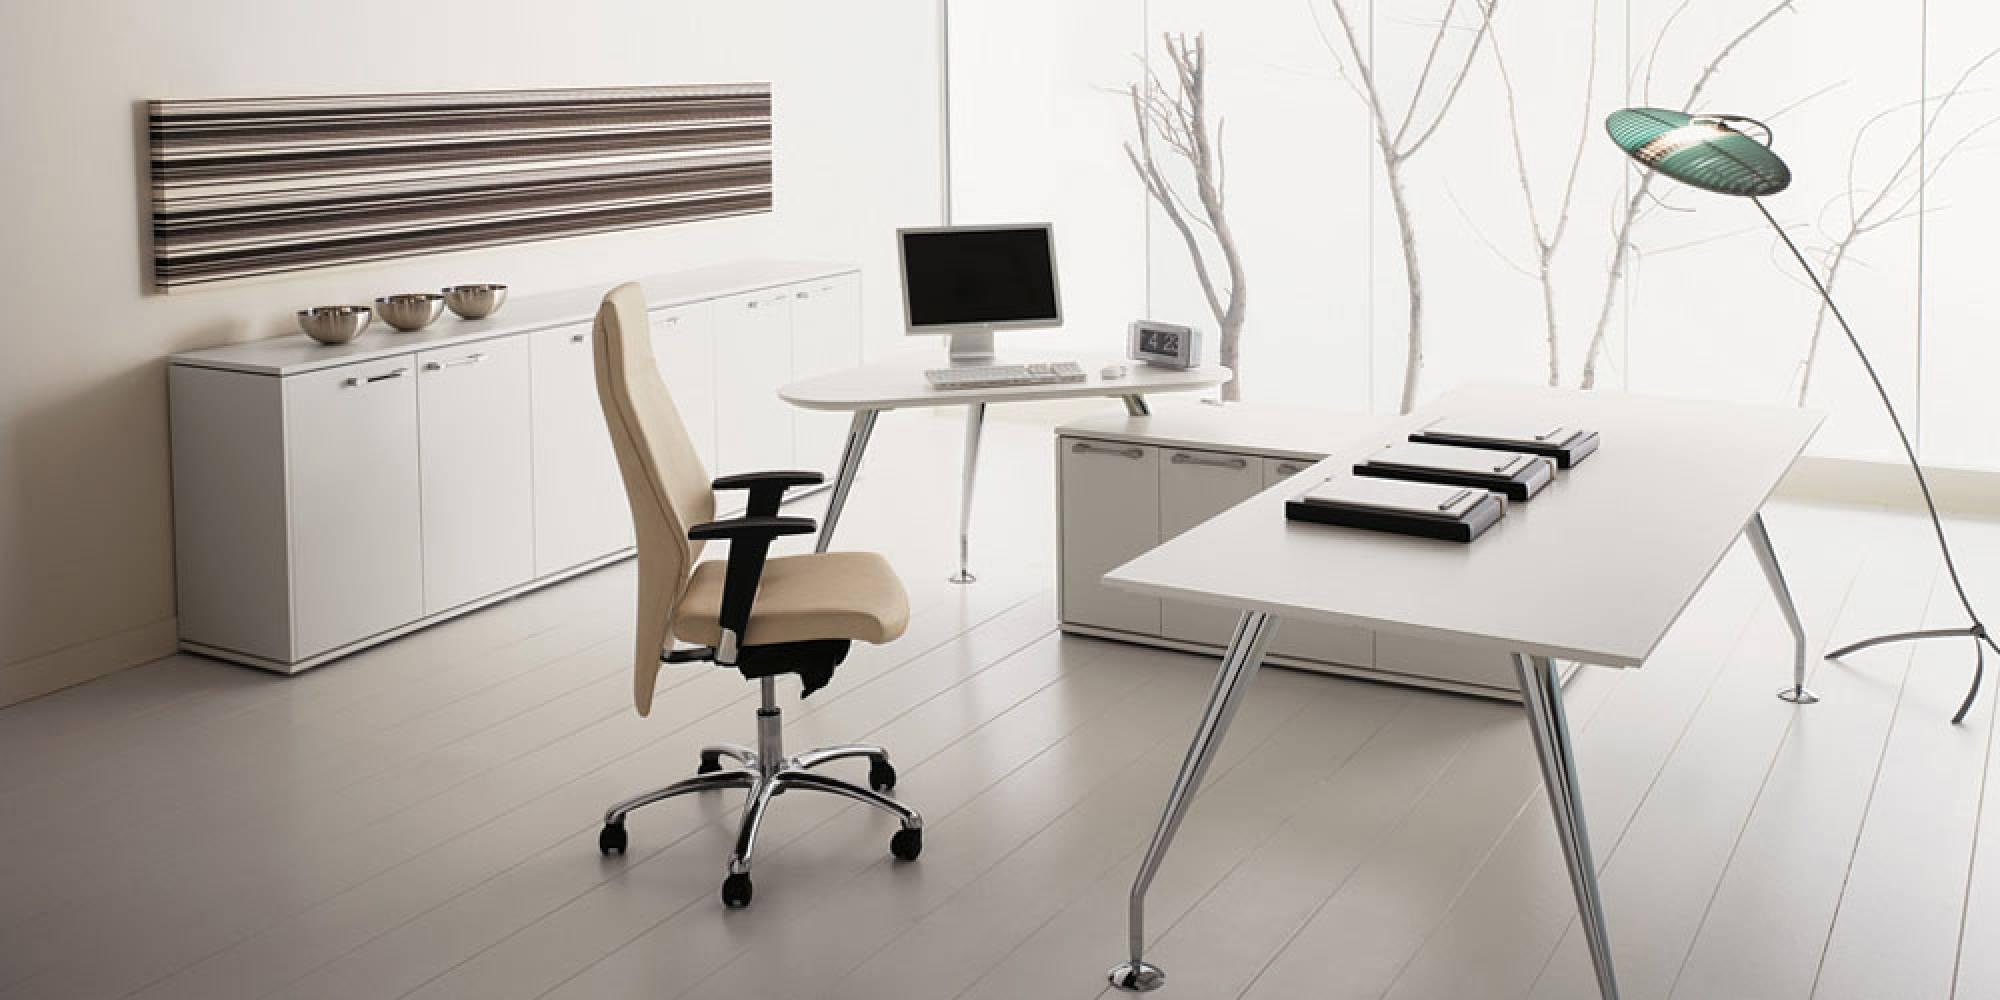 Oficina for Empresas de mobiliario de oficina